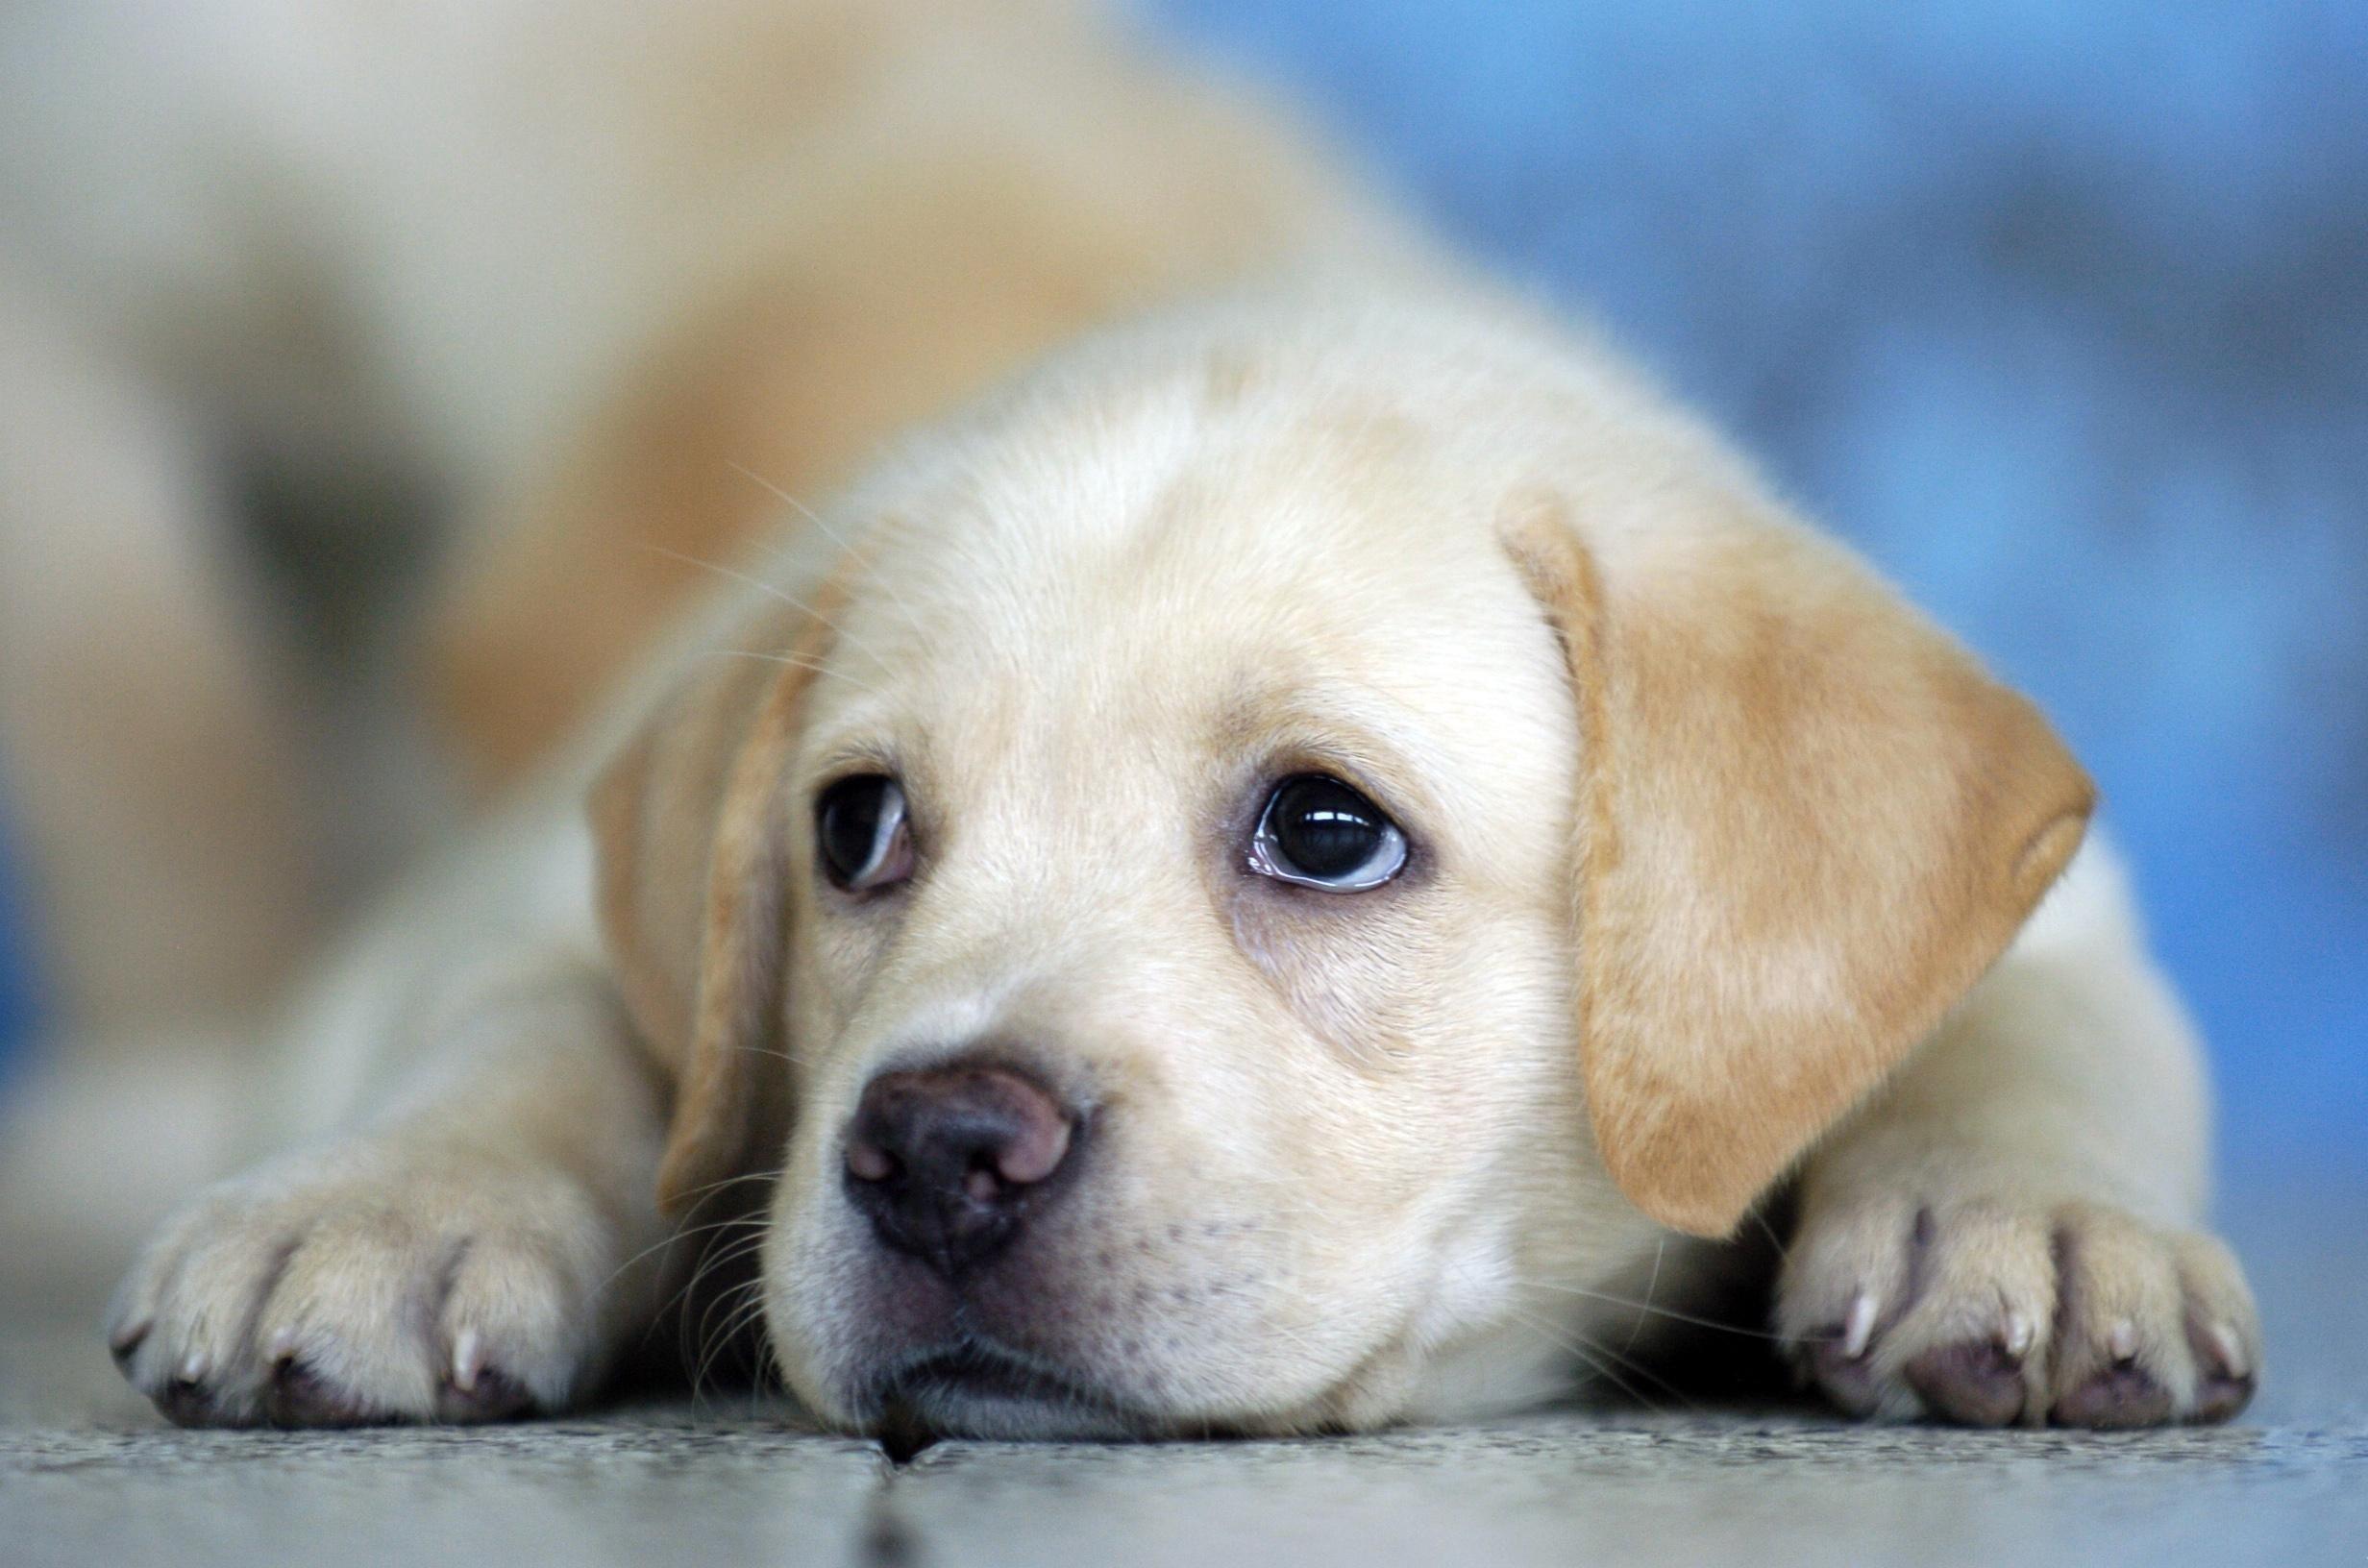 Cute Labrador Puppy Wallpapers HD Free 83289 – PowerballForLife